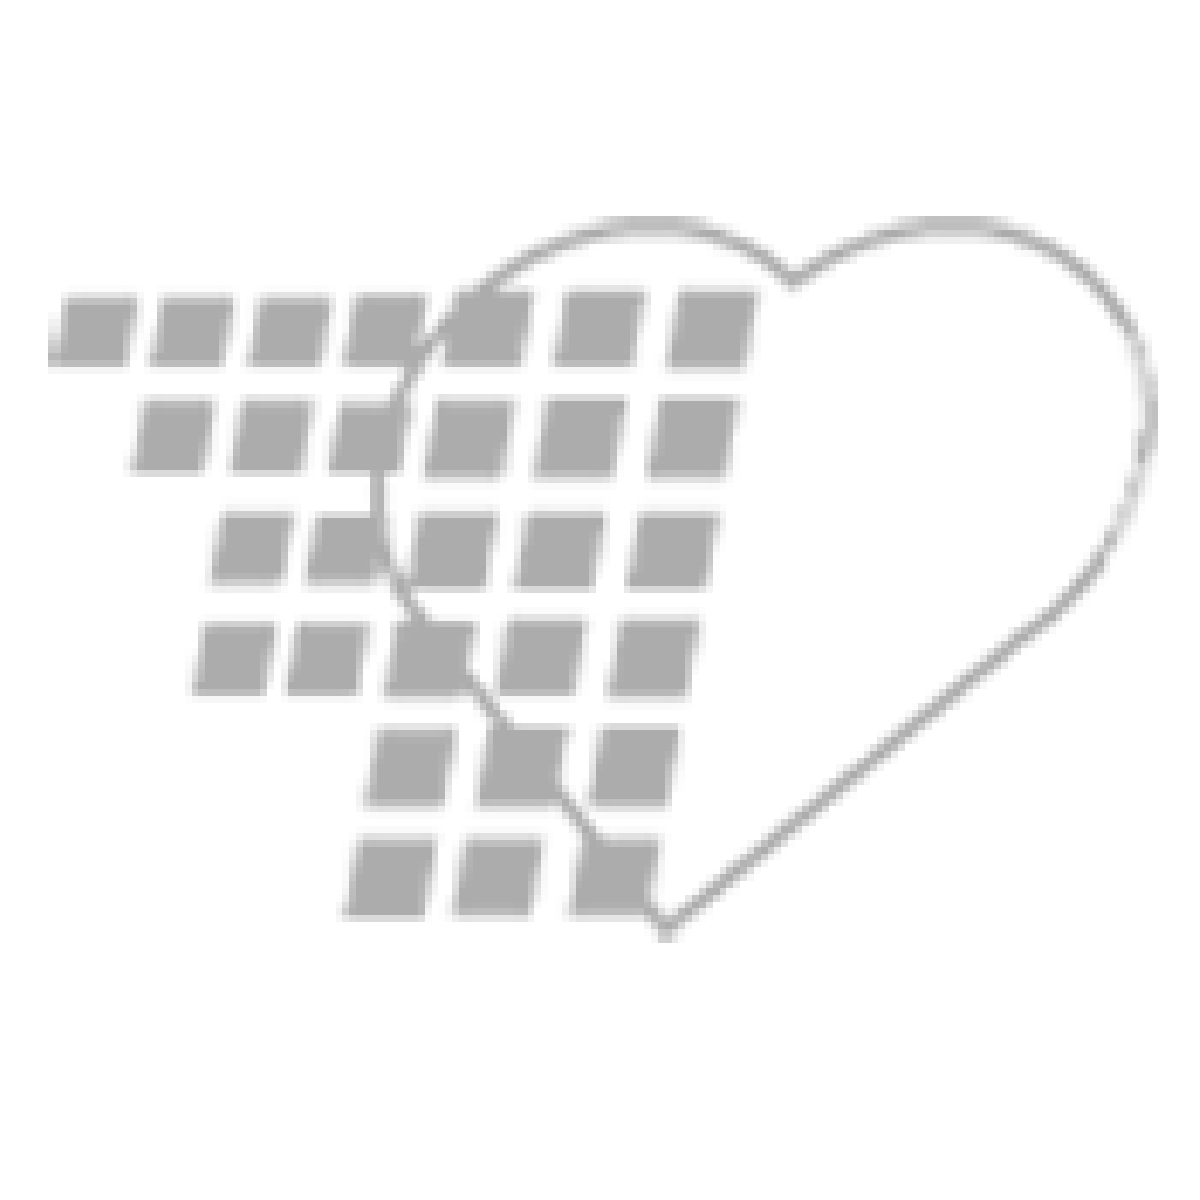 05-02-1080 - PDI® Prevantics   Swabstick